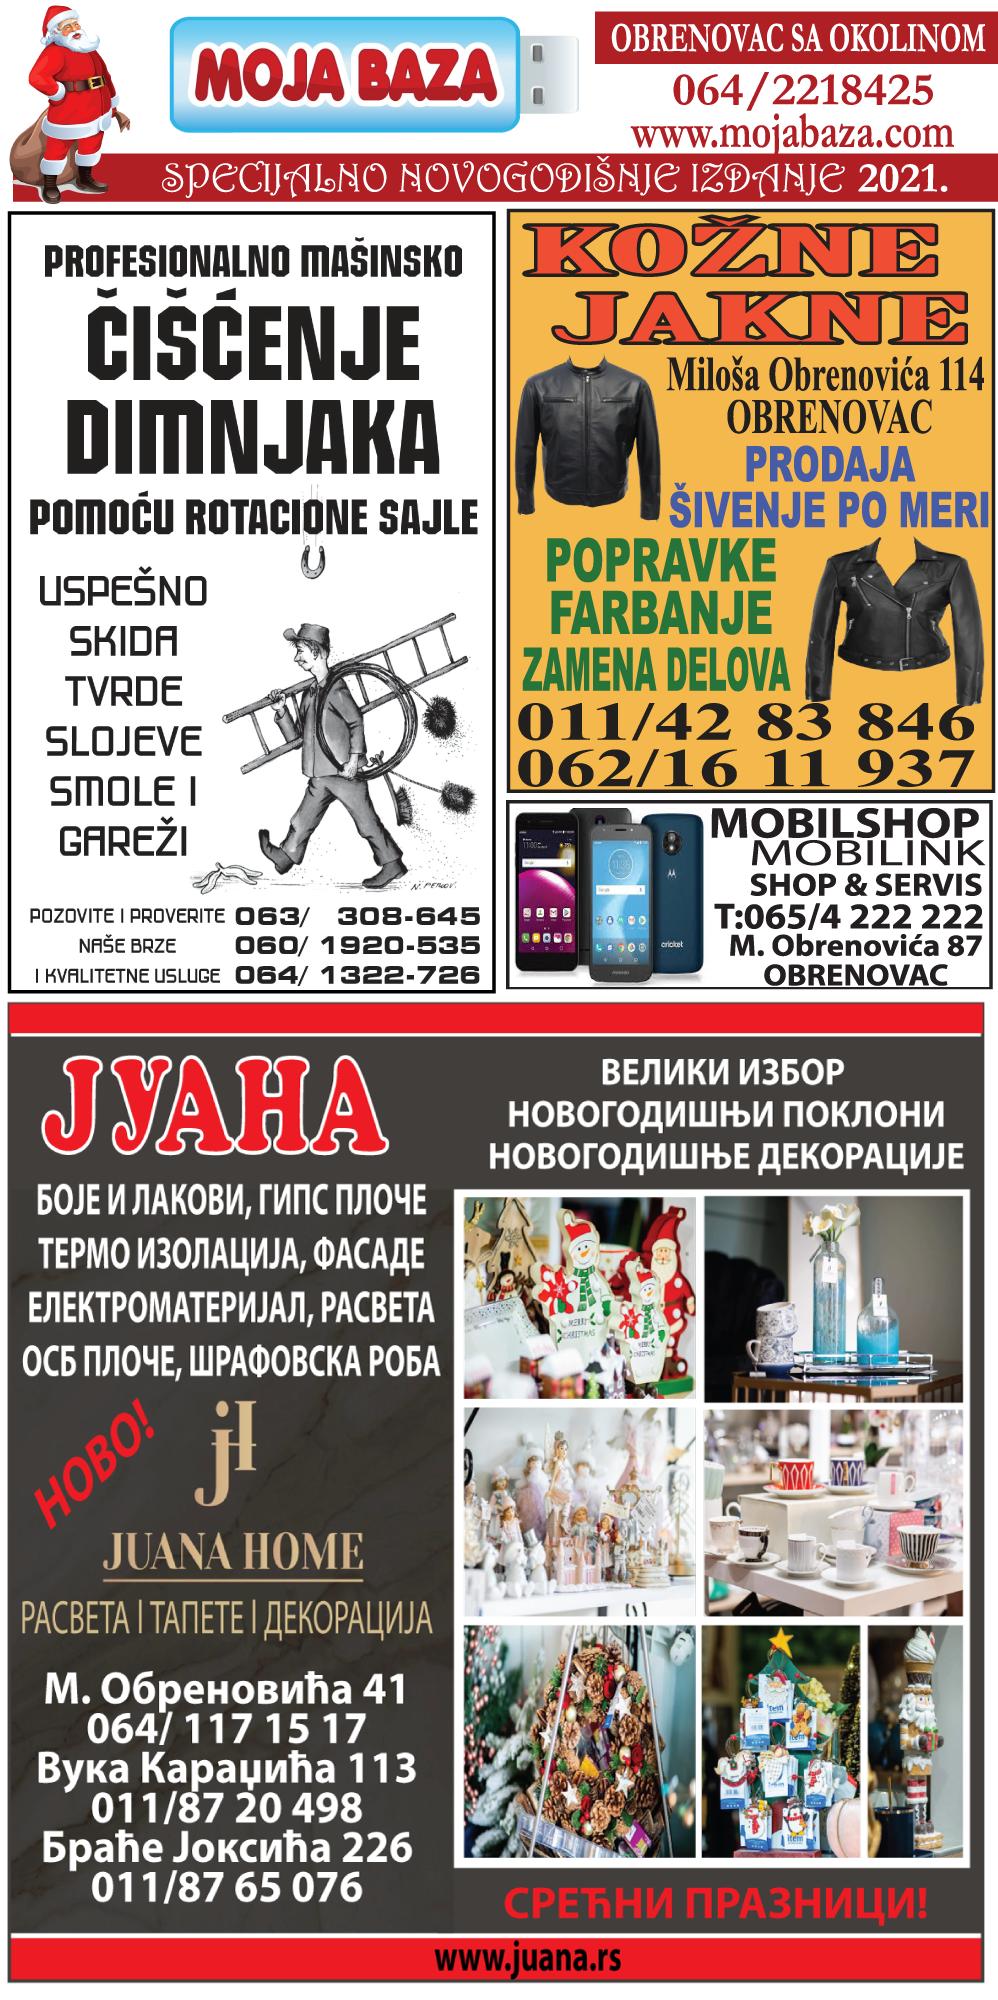 Obrenovac - april